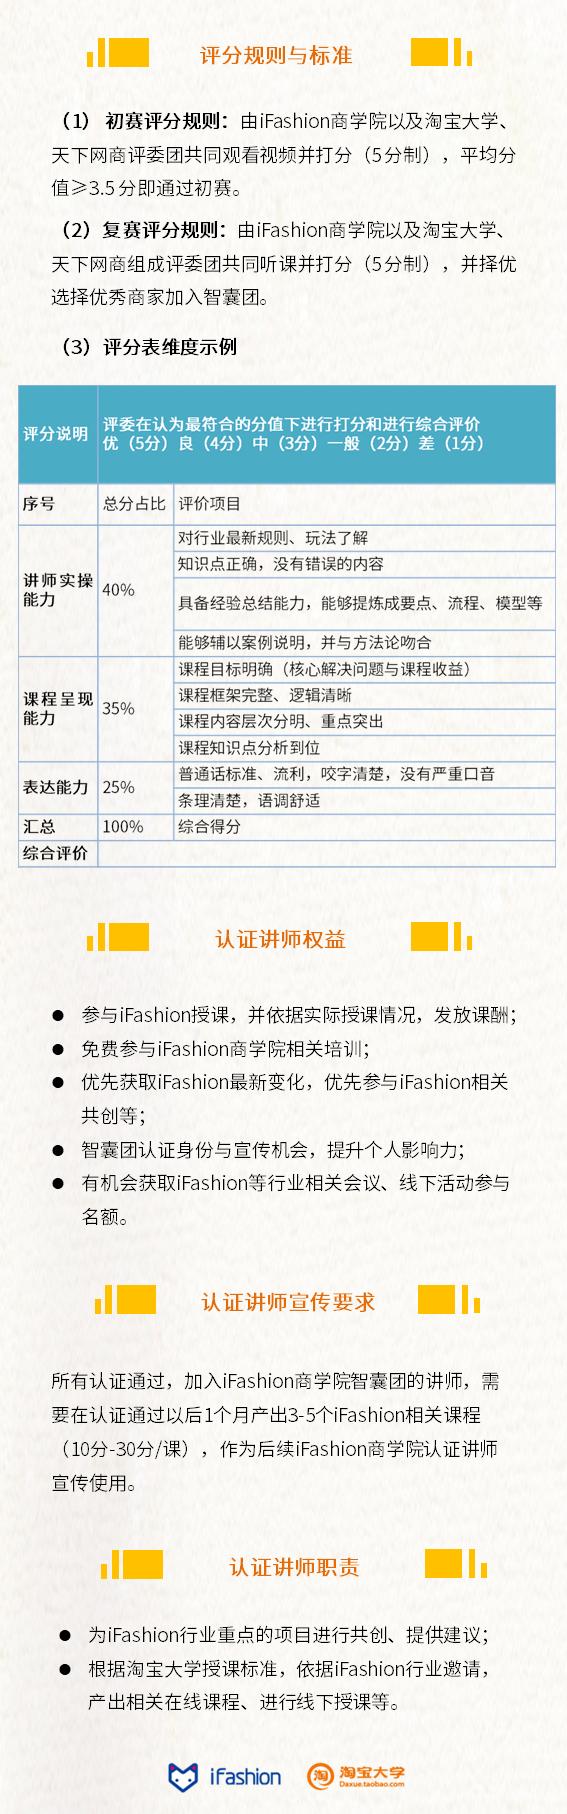 智囊团招募page3